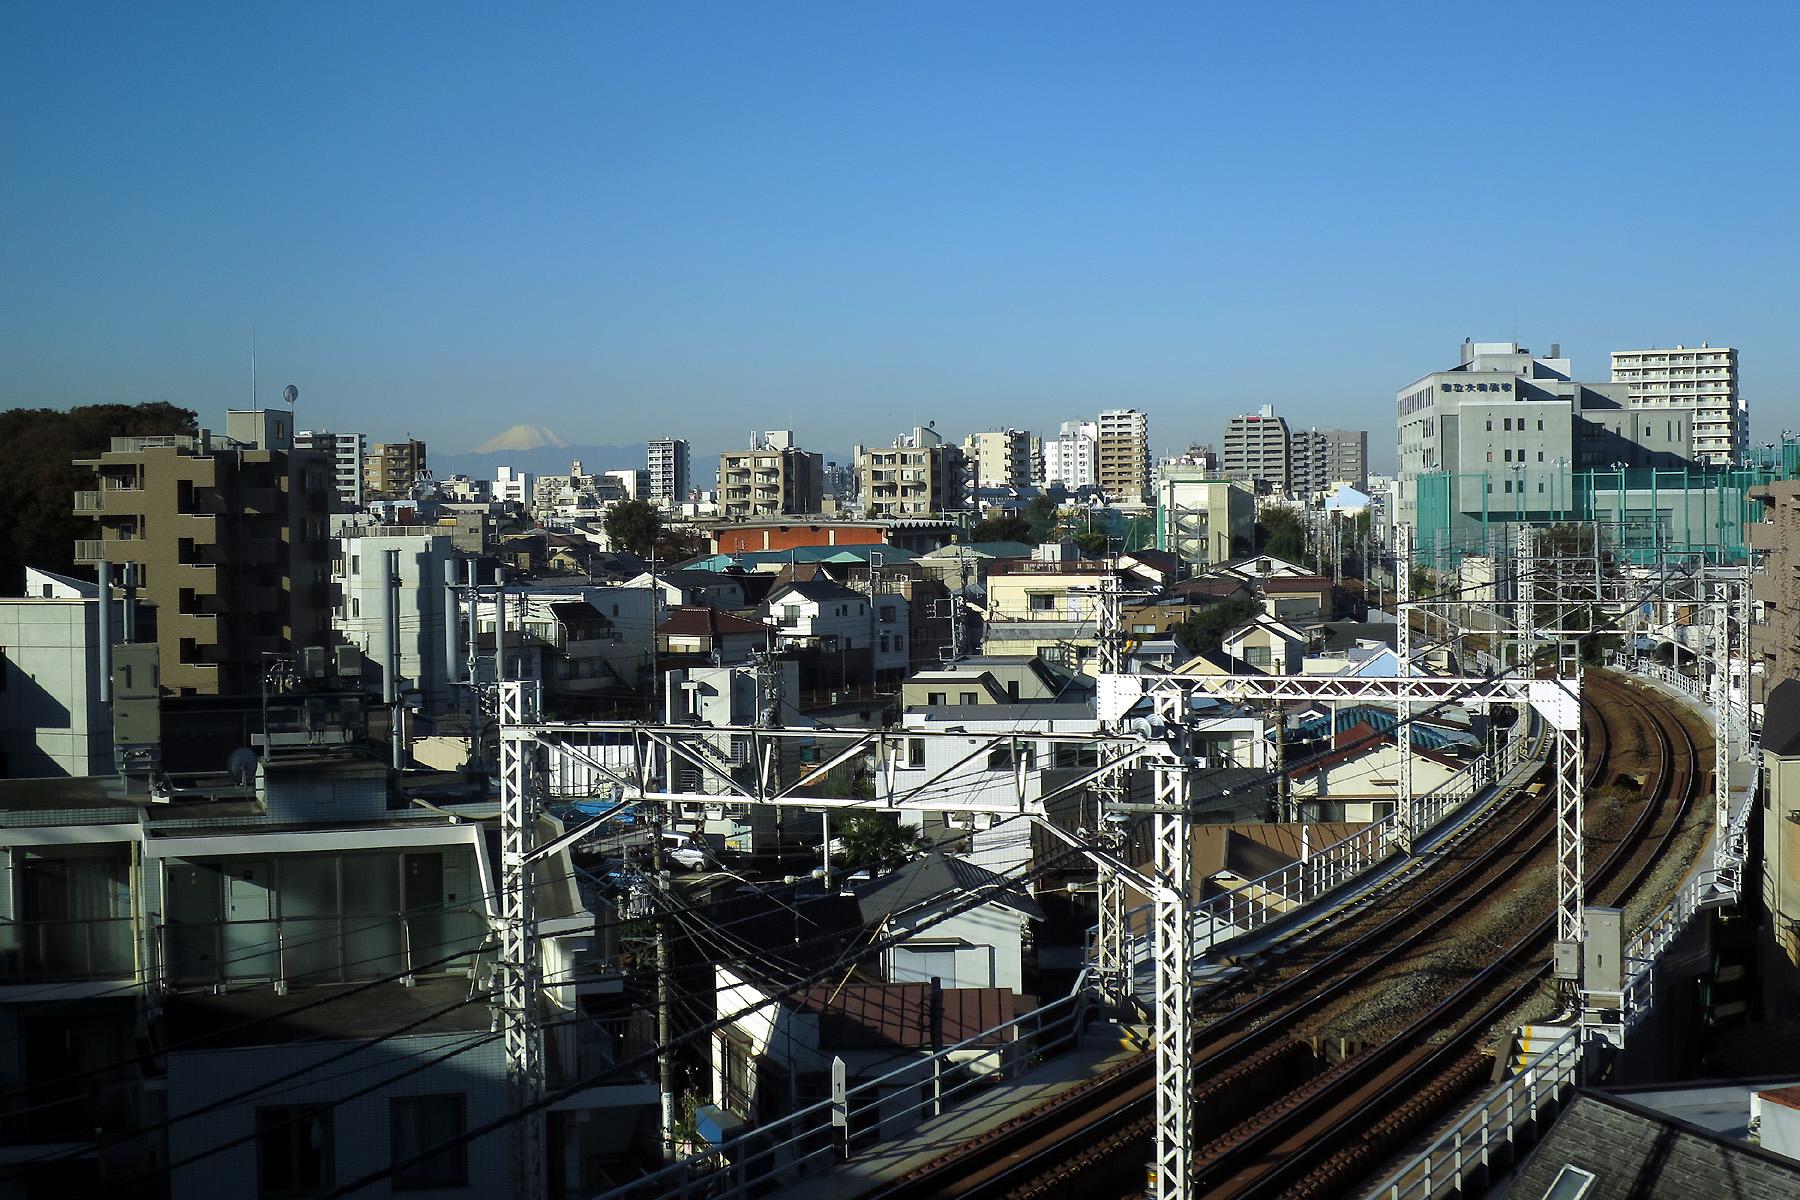 006 20151128 下神明駅あたりをゆく新幹線の車窓より富士山(2015_1128_084040)